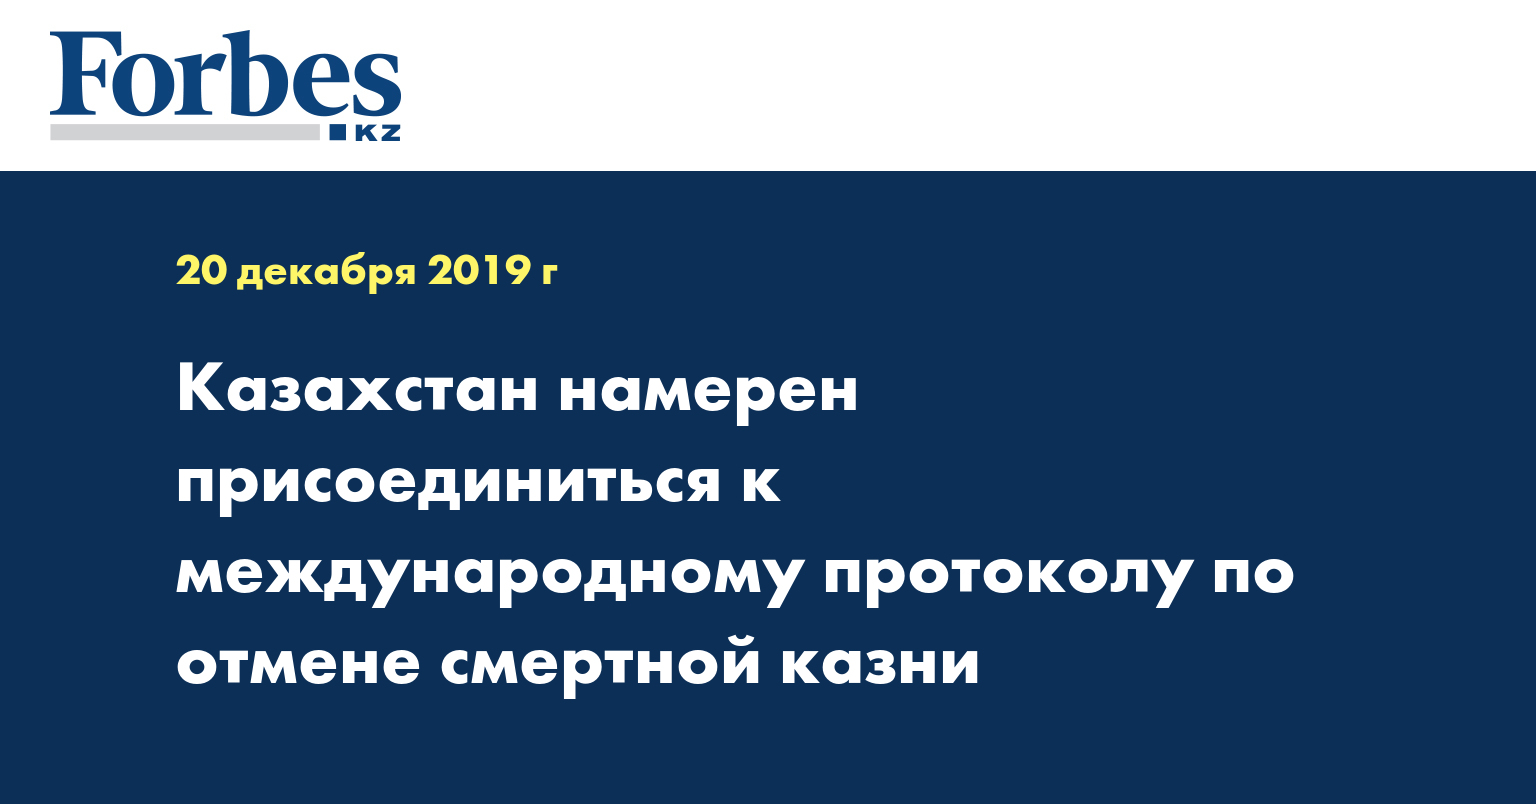 Казахстан намерен присоединиться к международному протоколу по отмене смертной казни